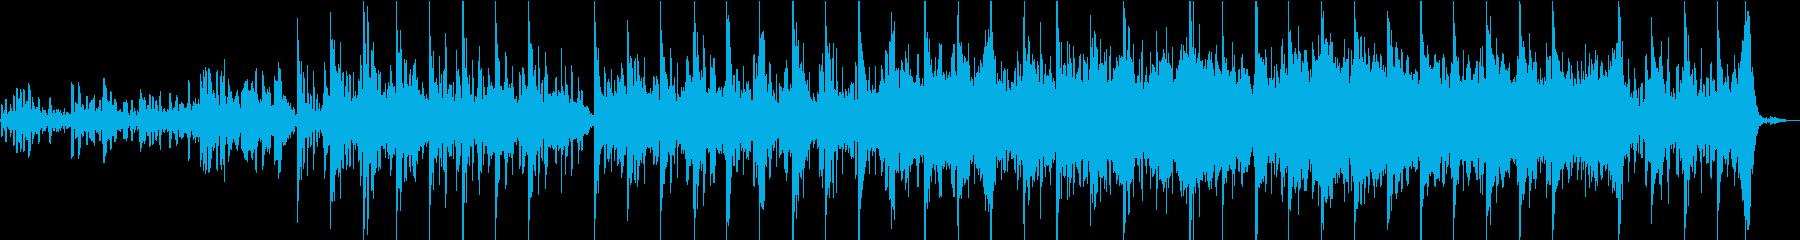 かっこいい系の映像にぴったりのEDMの再生済みの波形